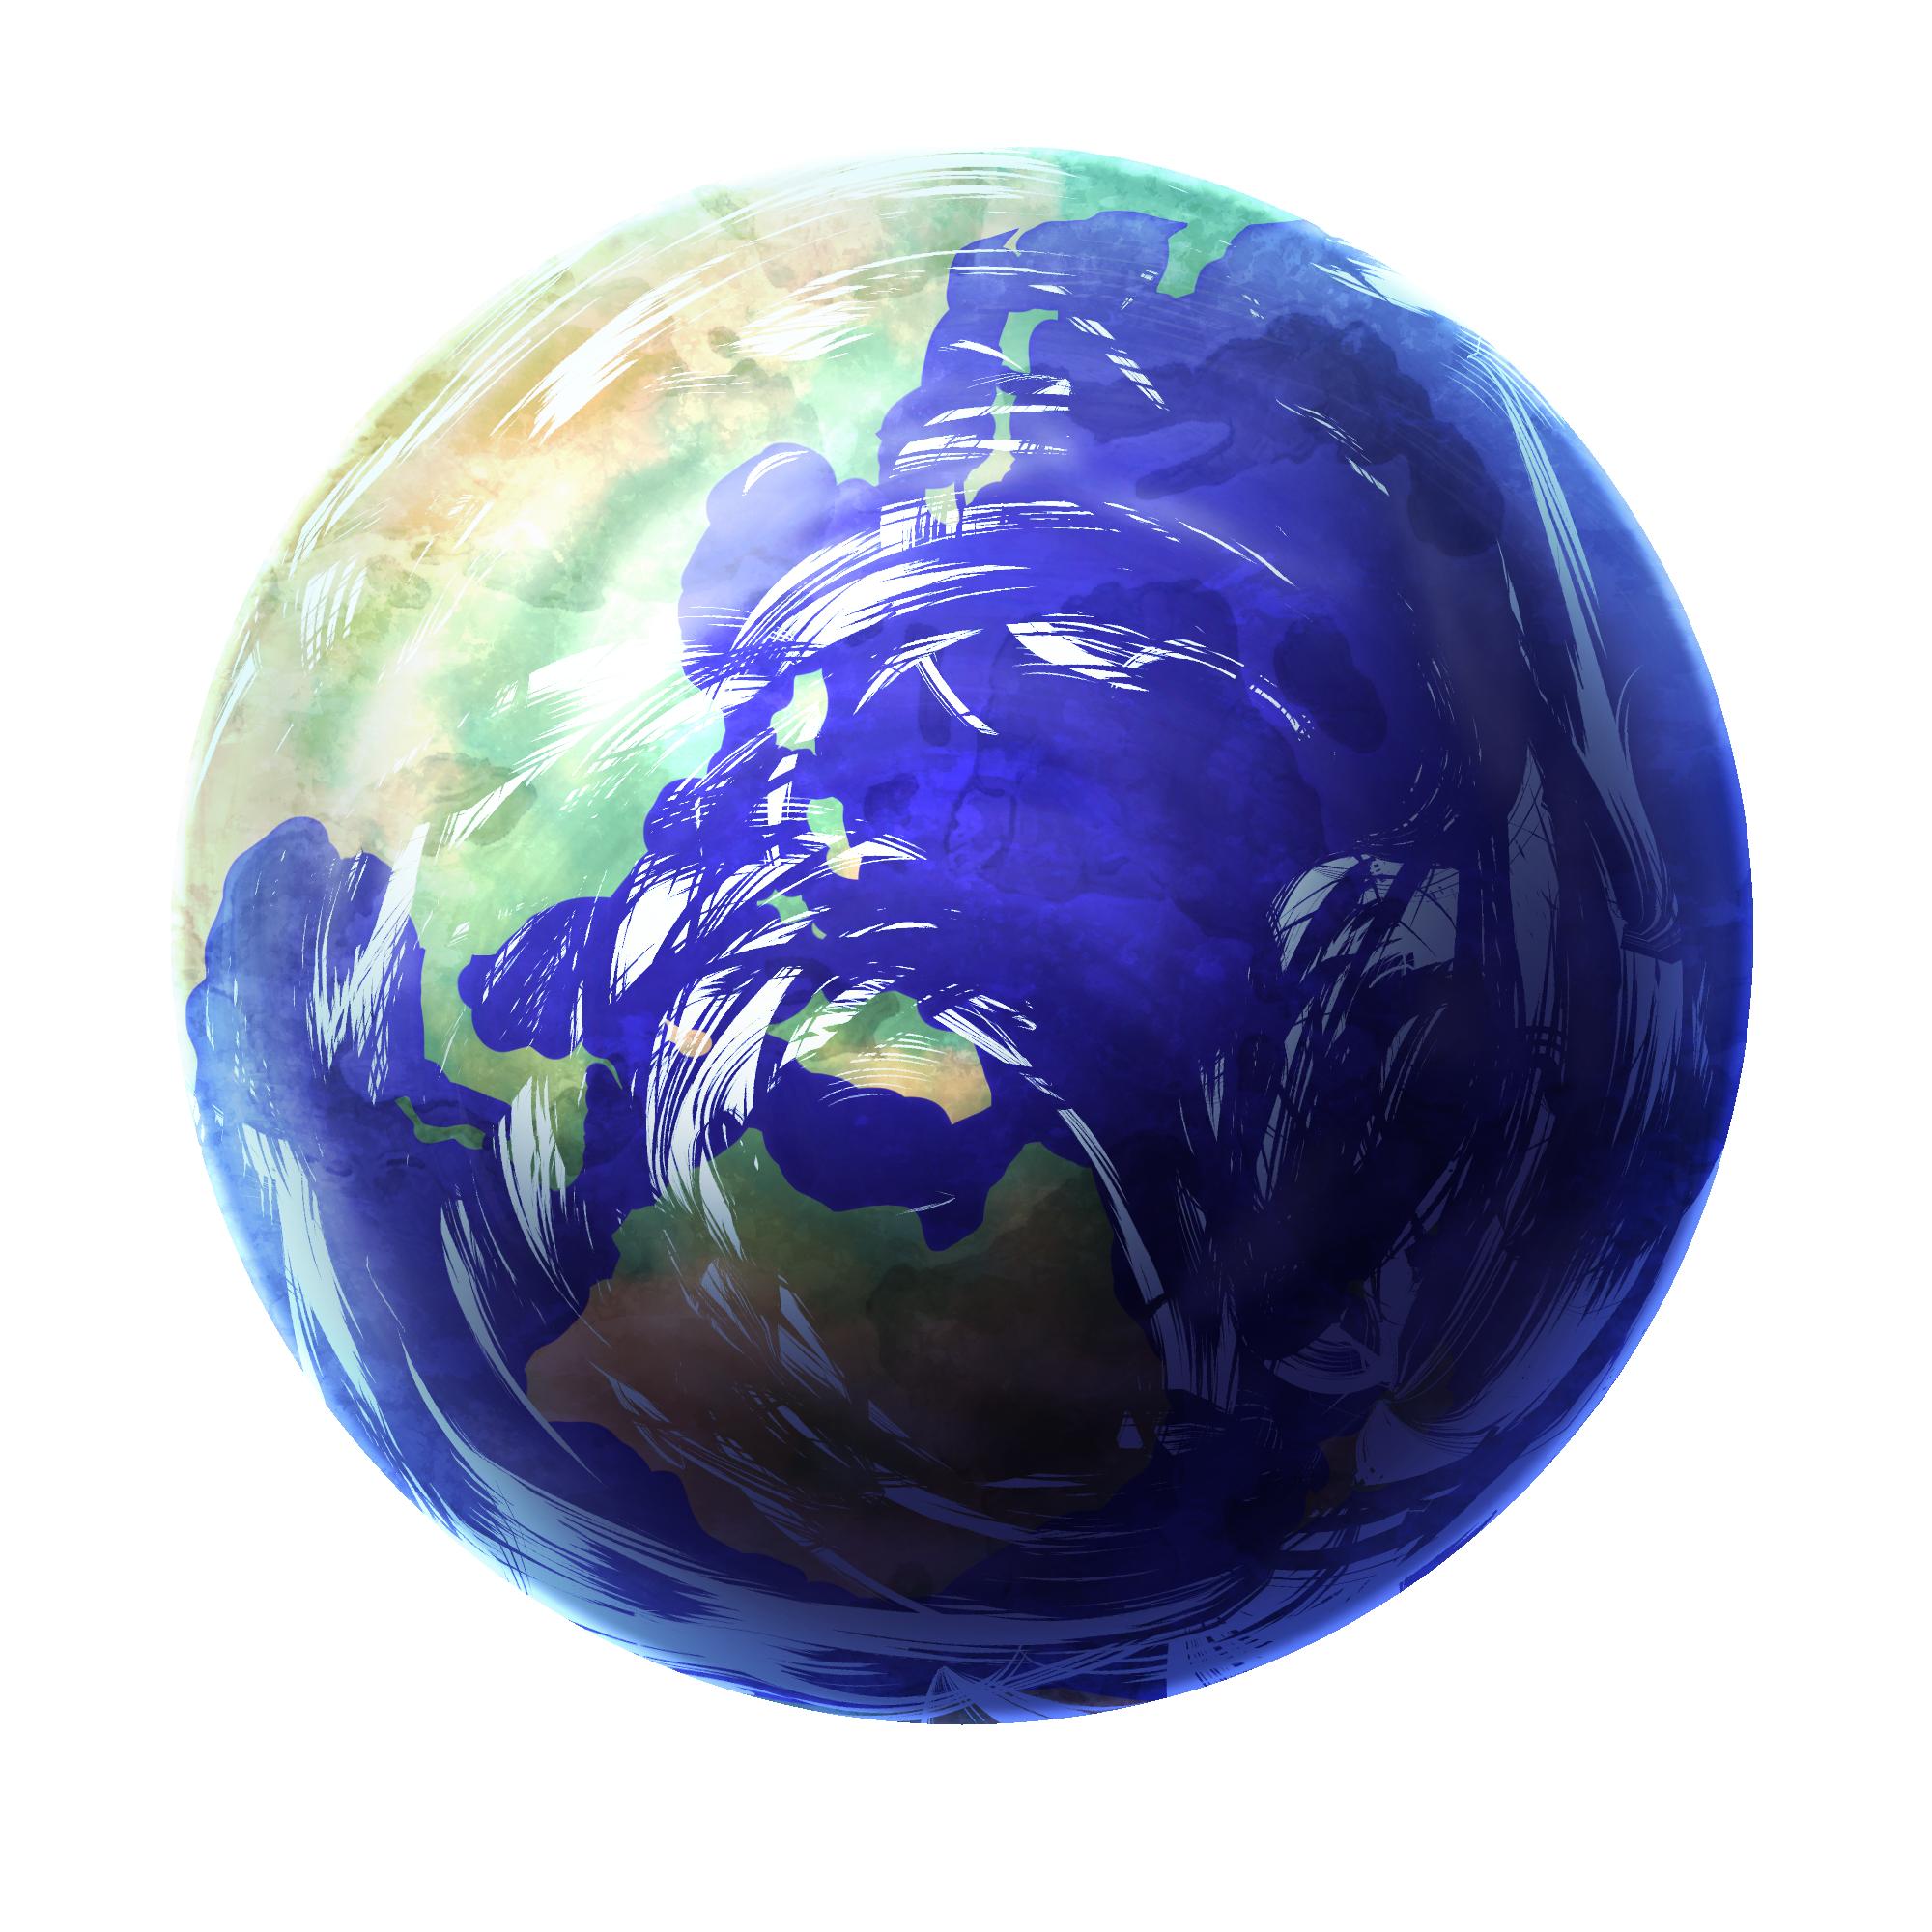 アイテム オブジェクト 惑星 太陽 水星 金星 地球 火星 木星 土星 天王星 海王星 透過素材 七三ゆきのアトリエ